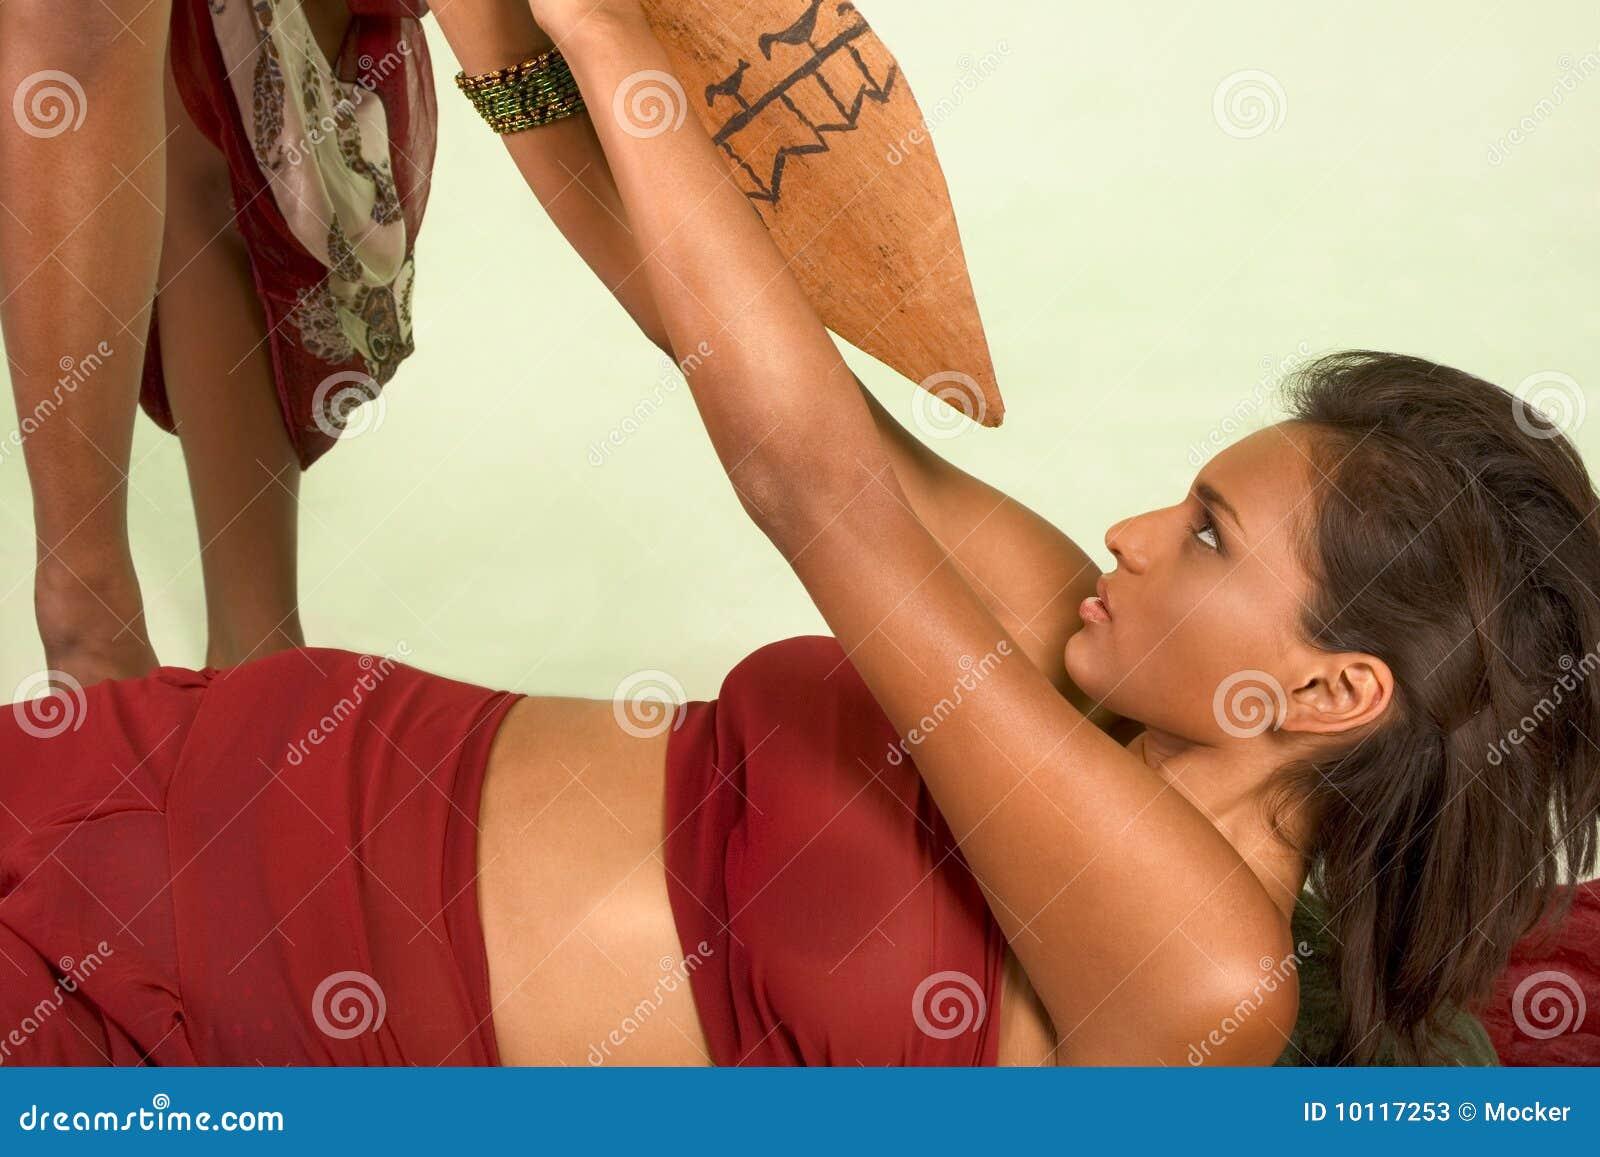 Brittany lanza la foto de la vagina desnuda